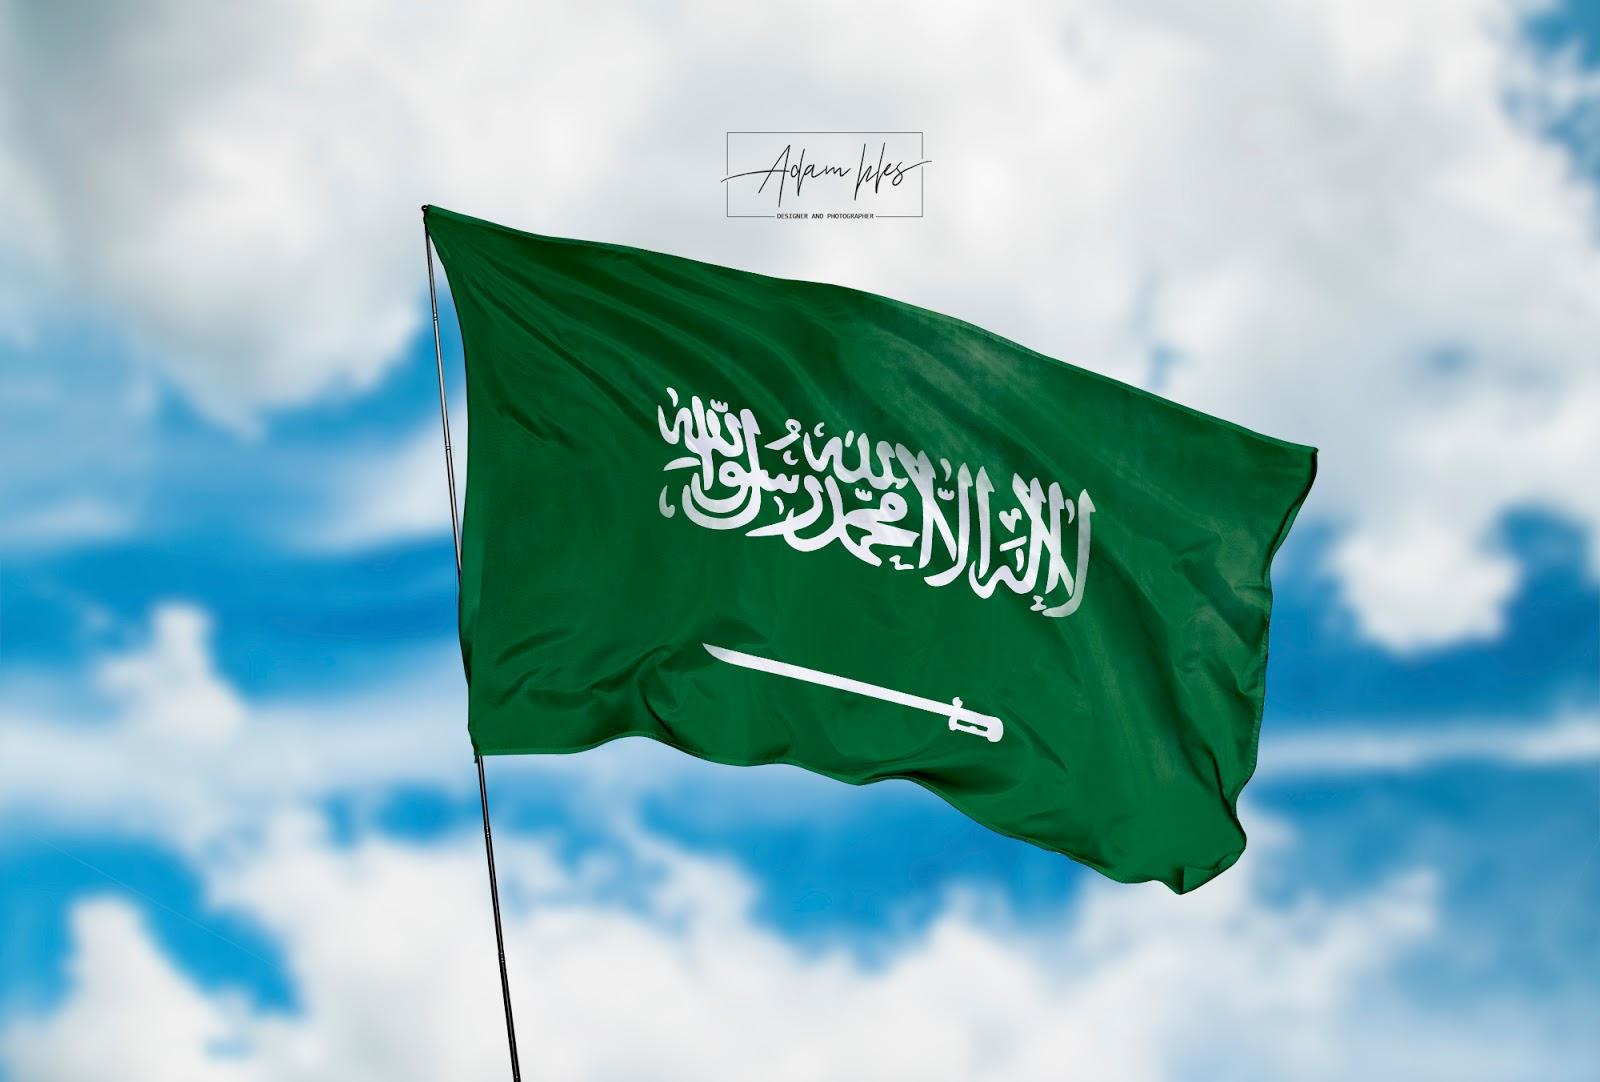 تحميل علم السعودية يرفرف في السماء اجمل خلفيات علم السعودية رائعة خلفيات اعلام العالم